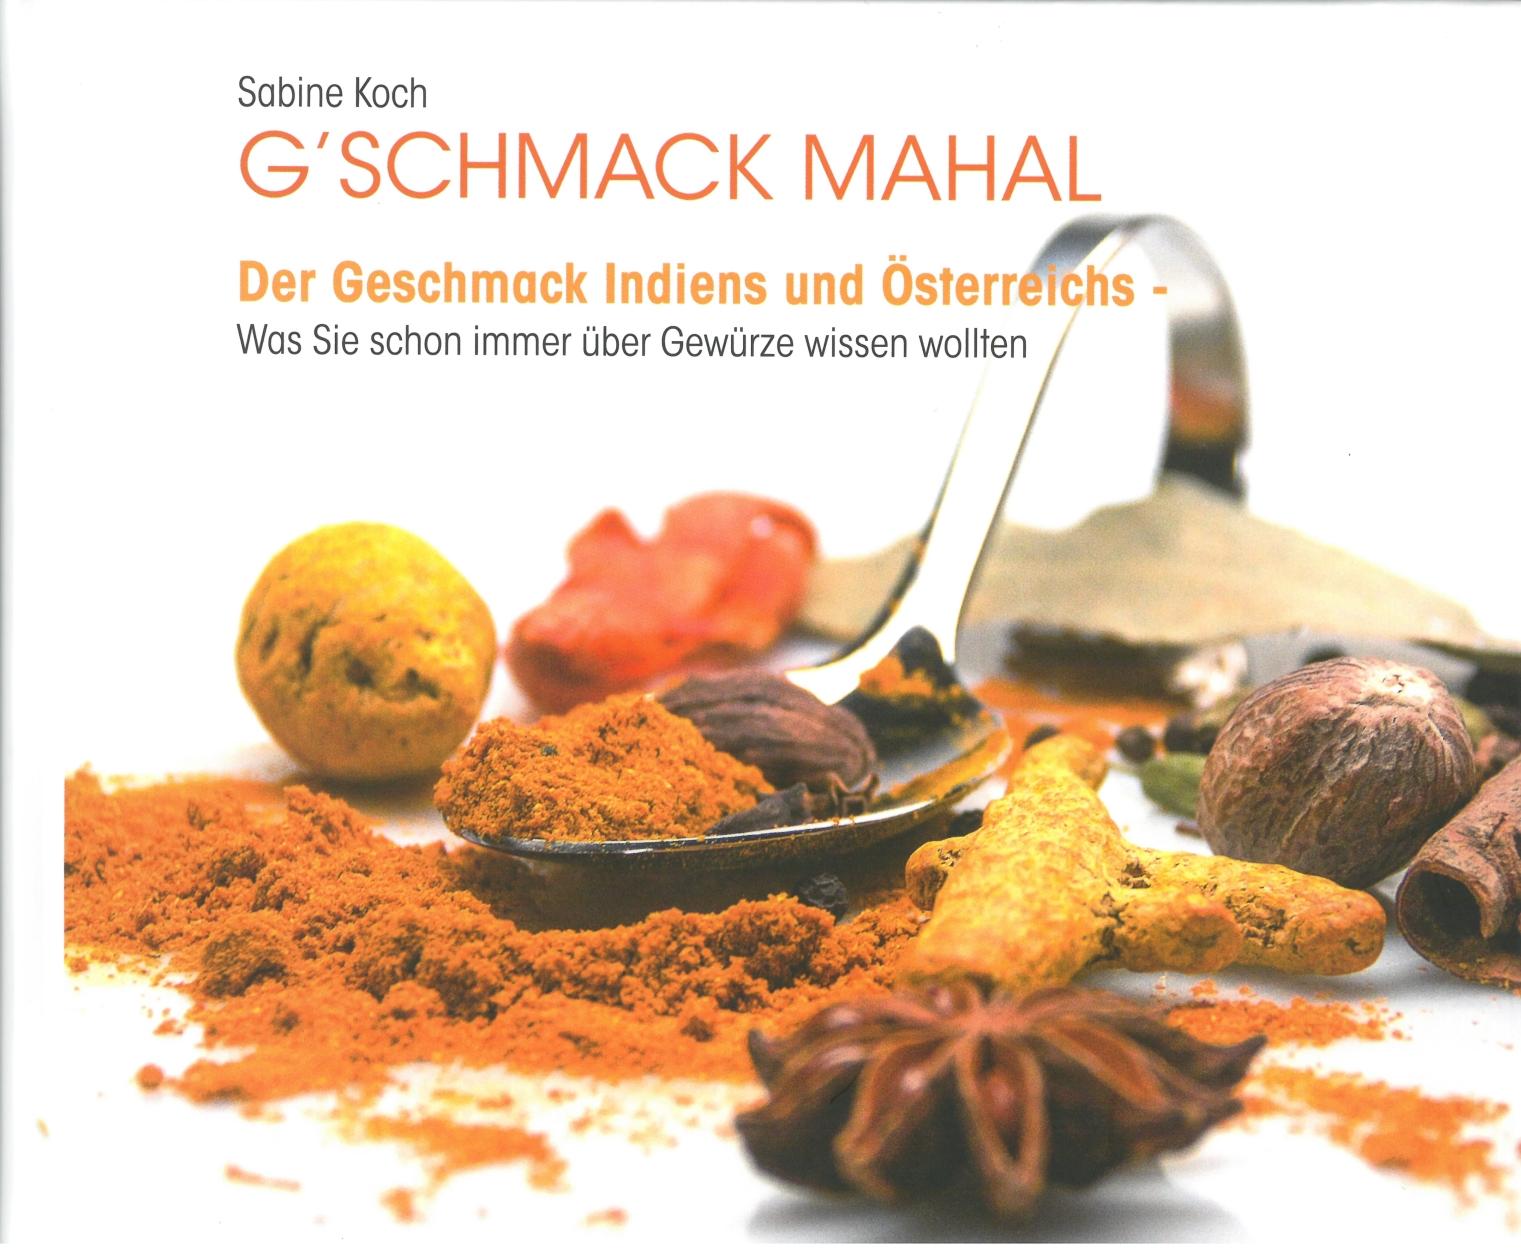 G�schmack Mahal von Sabine Koch. Neues Kochbuch und Gew�rzbuch!